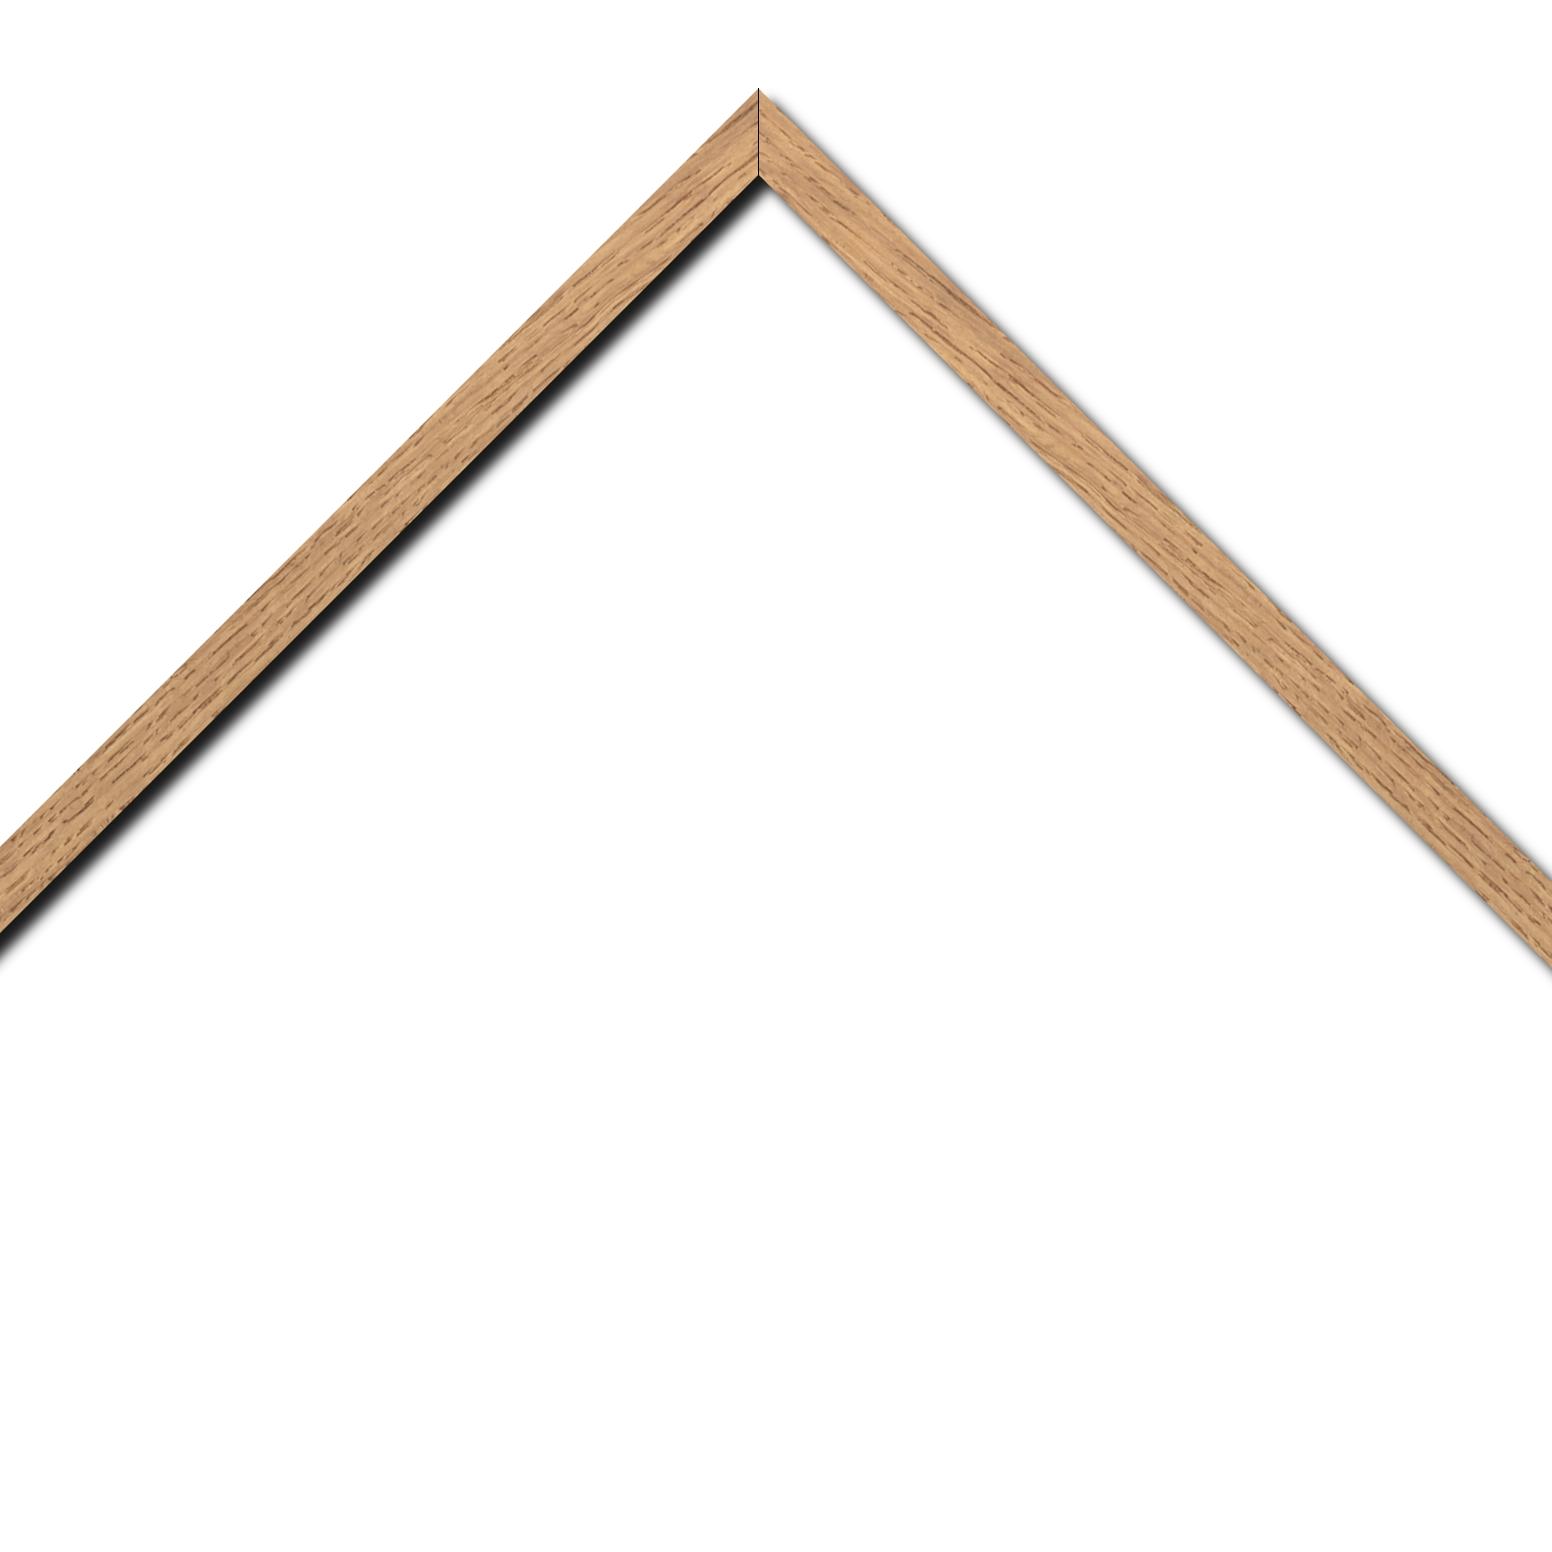 Baguette bois profil plat largeur 1.5cm chene massif naturel (non vernis)